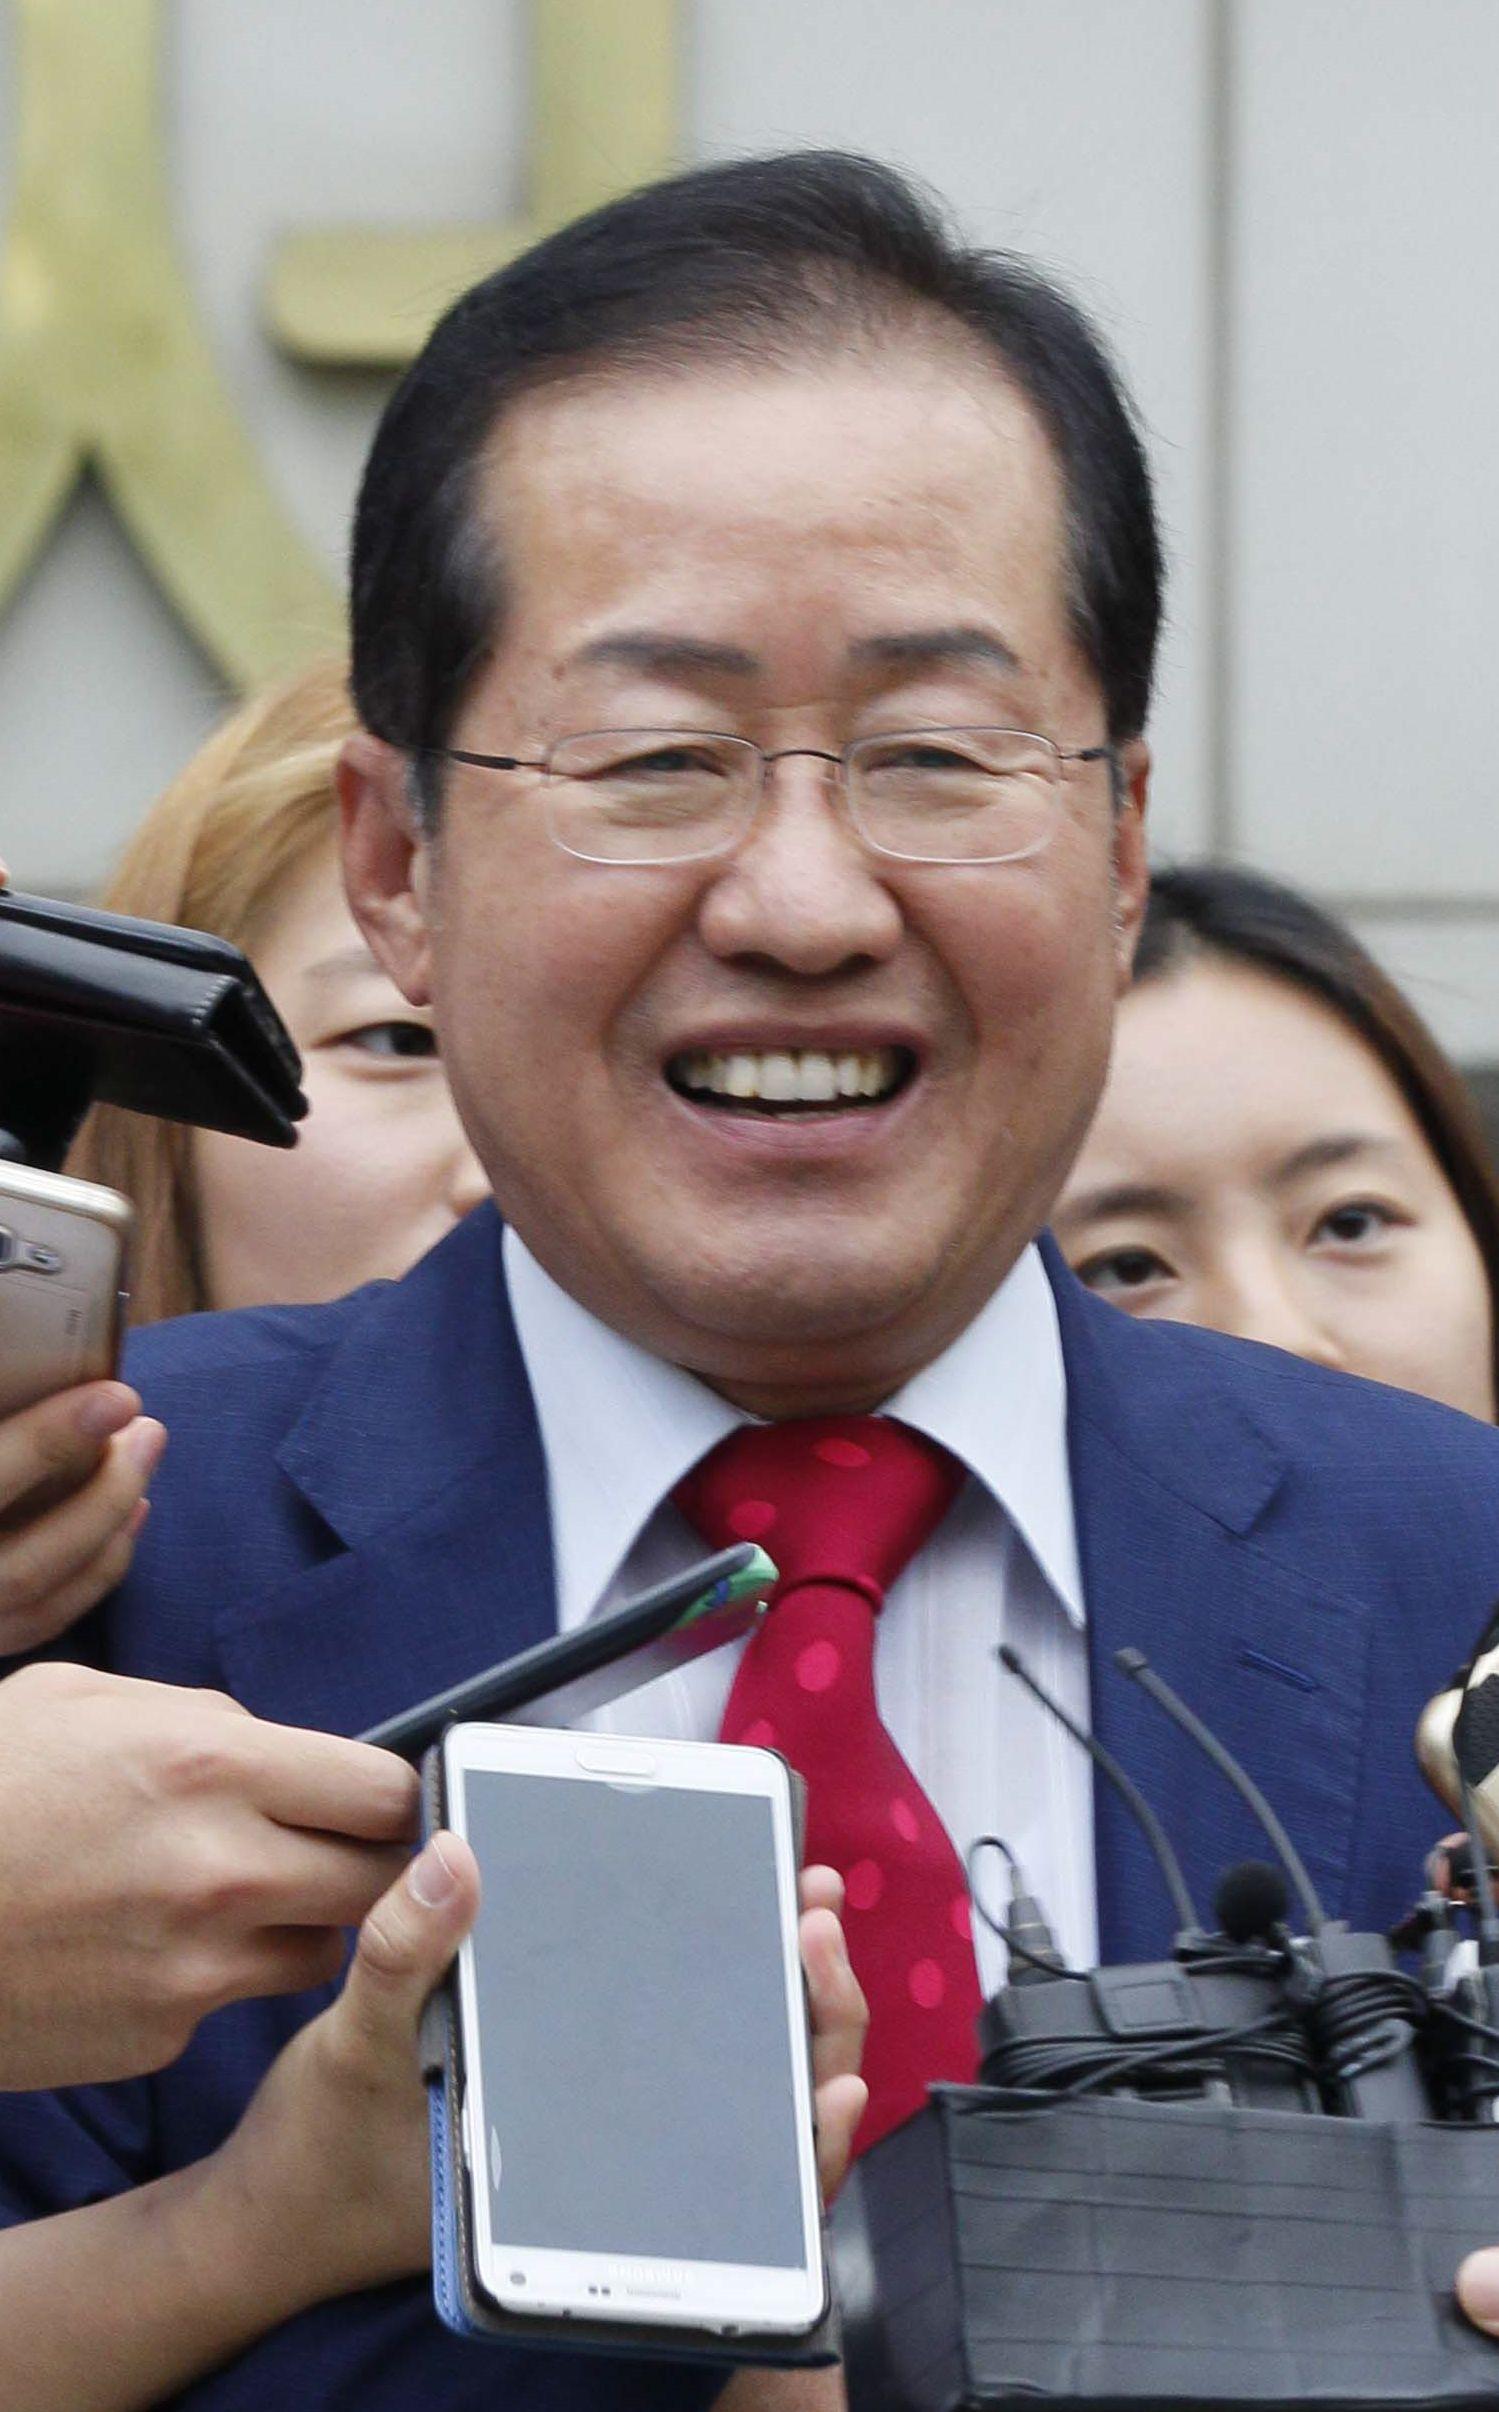 '성완종 리스트' 사건으로 재판에 넘겨진 홍준표 경남지사가 항소심에서 16일 무죄를 받았다. 신인섭 기자